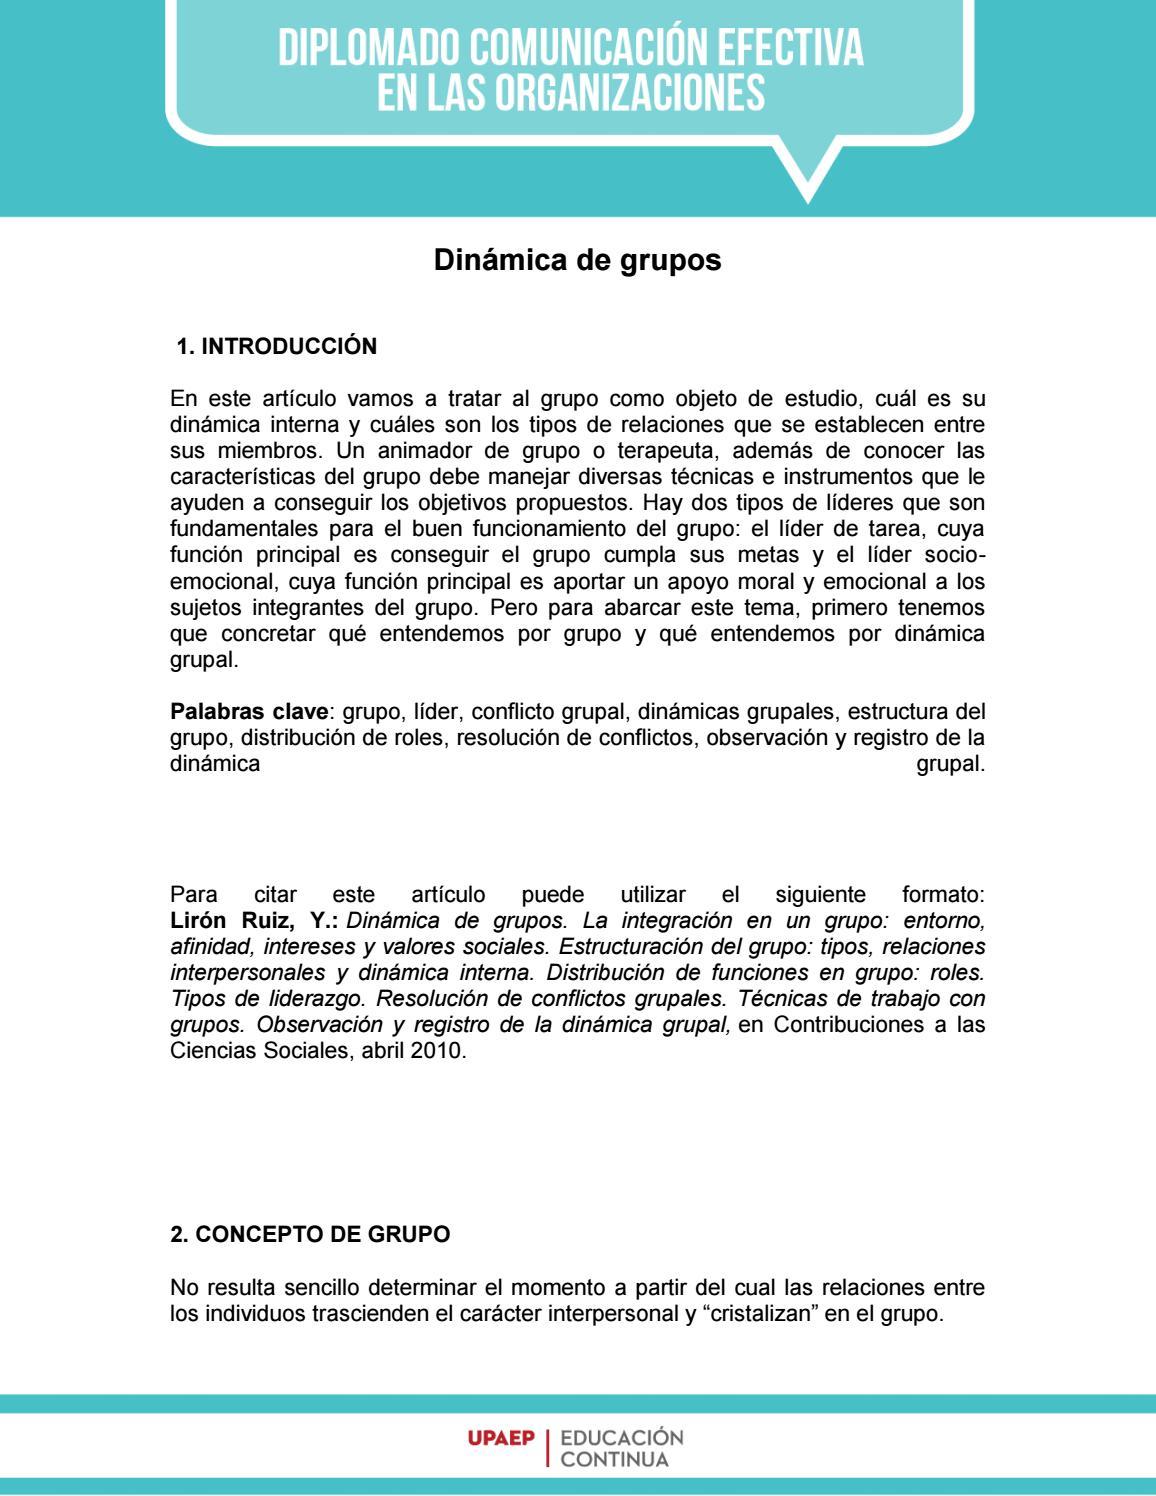 Dinámica De Grupos By Upaep Educación Continua Issuu